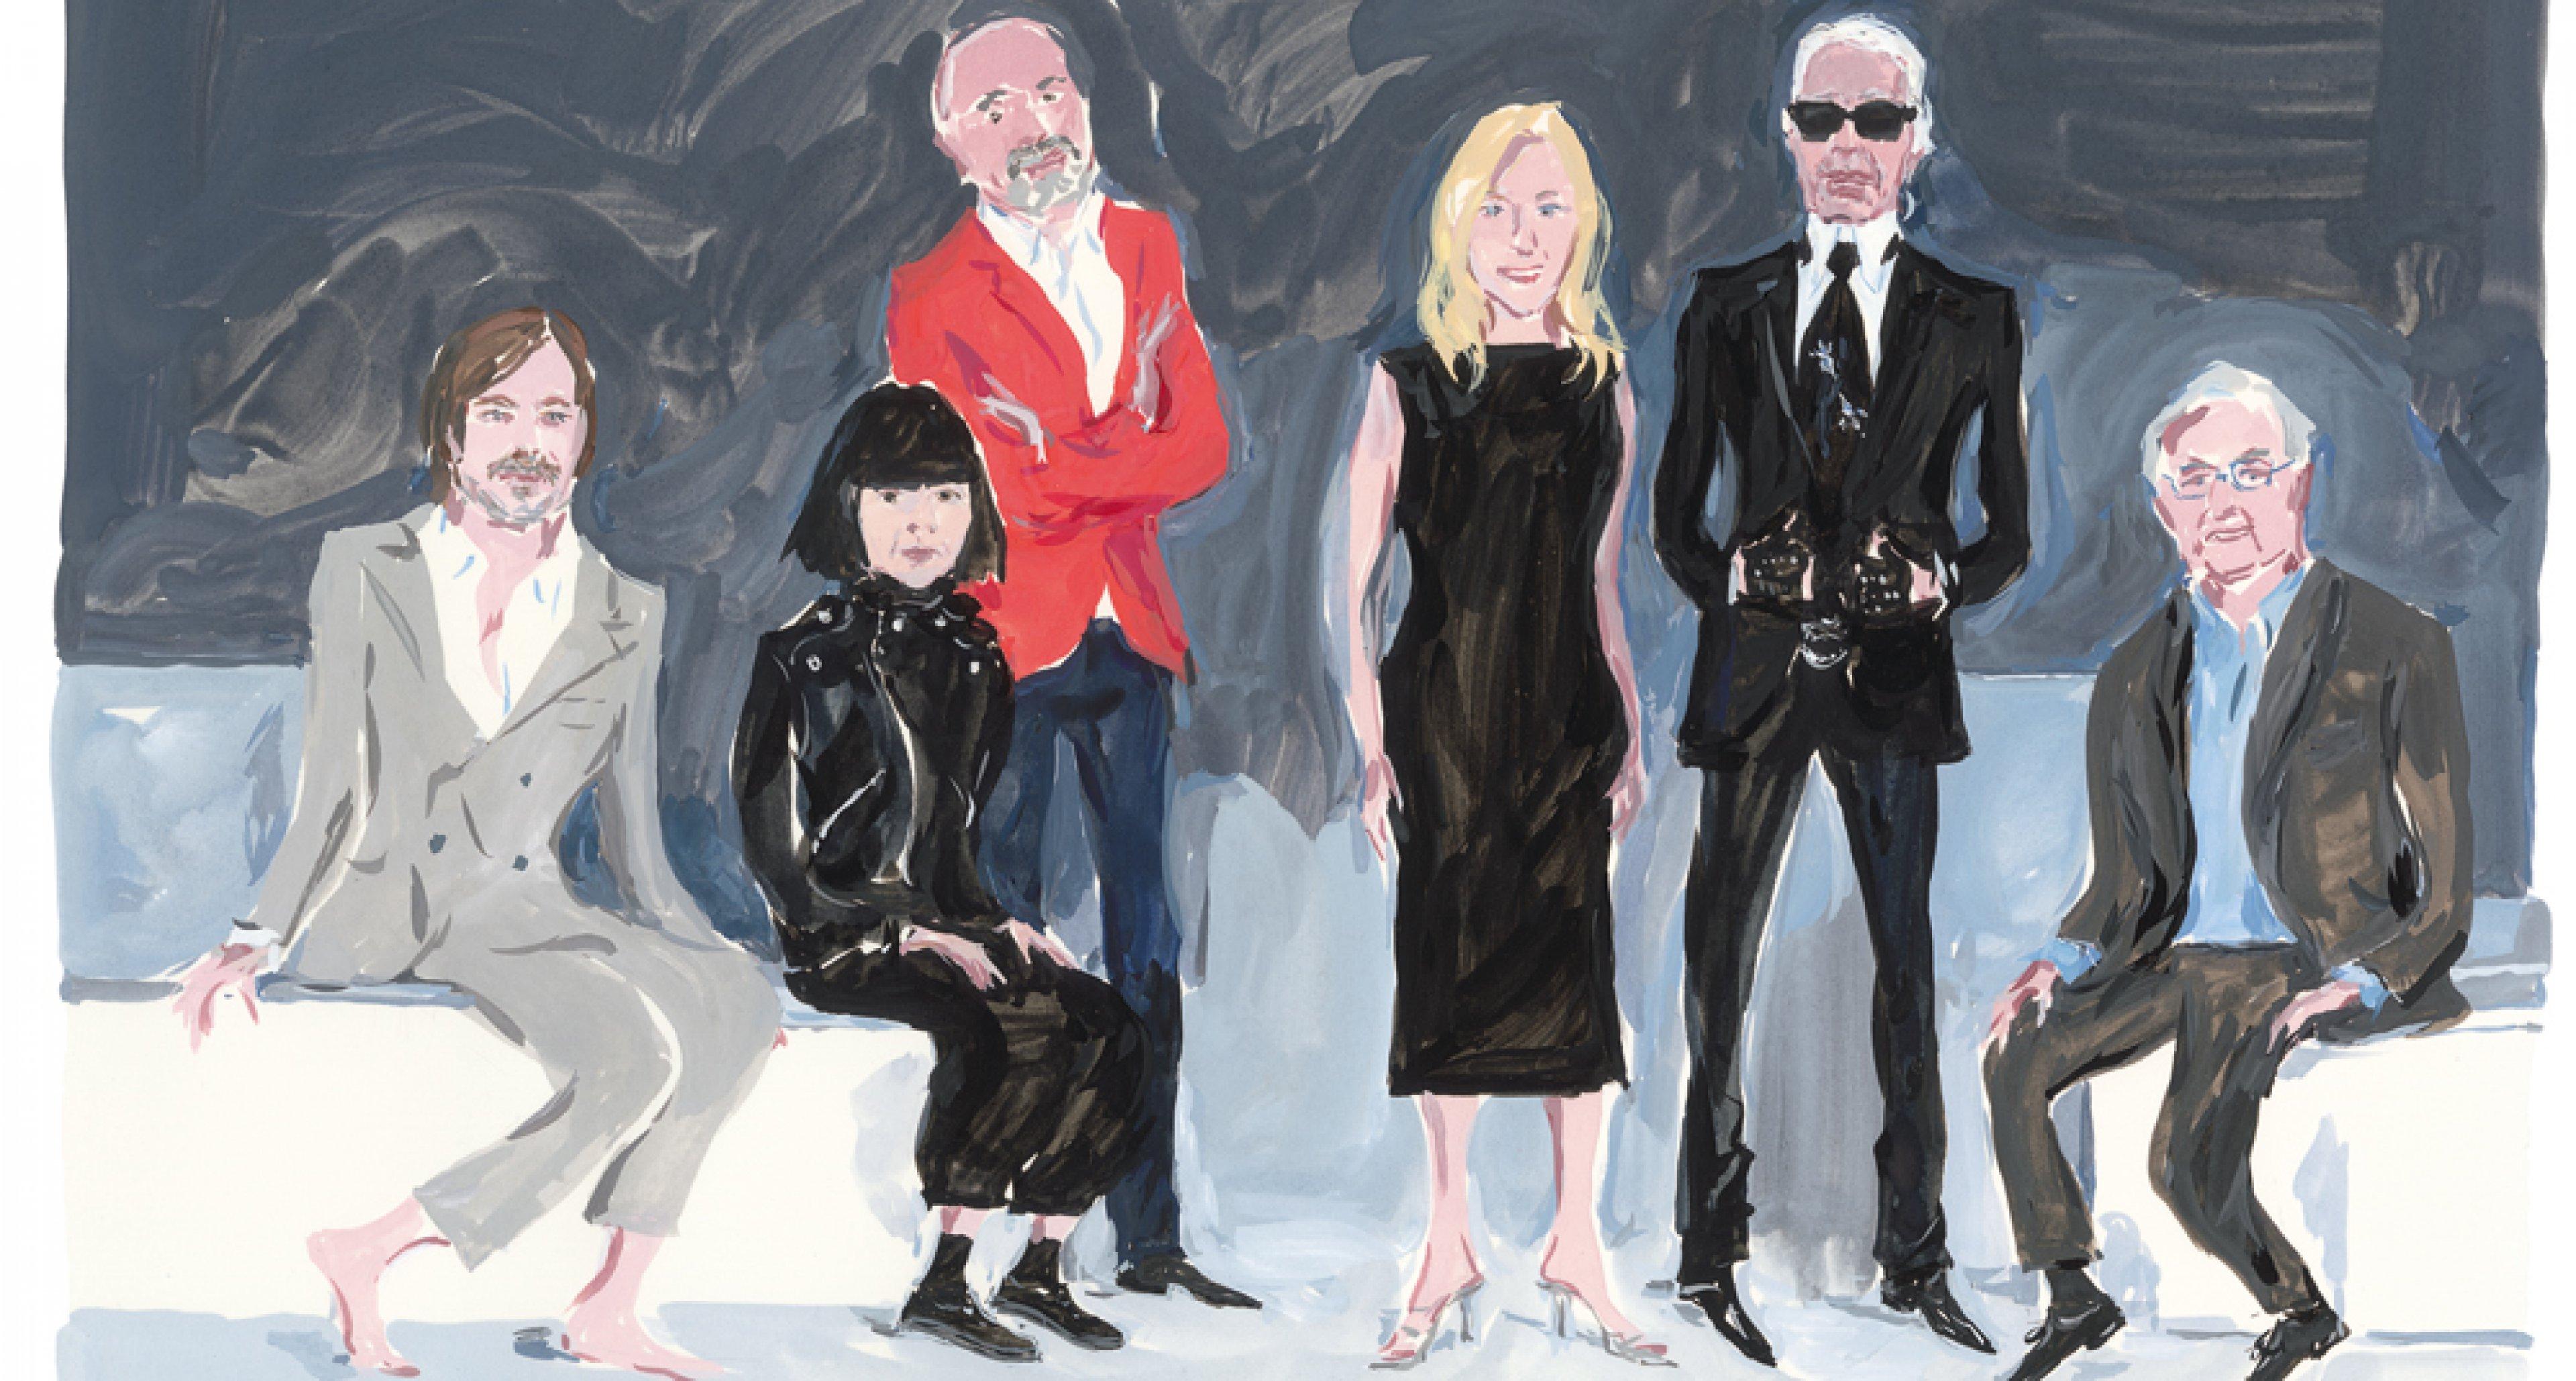 Die Modedesigner Karl Lagerfeld und Rei Kawakubo, die Künstlerin Cindy Sherman, der Architekt Frank Gehry, der Produktdesigner Marc Newson und der Schuh-Kreateur Christian Louboutin, gemalt von Jean-Philippe Delhomme.